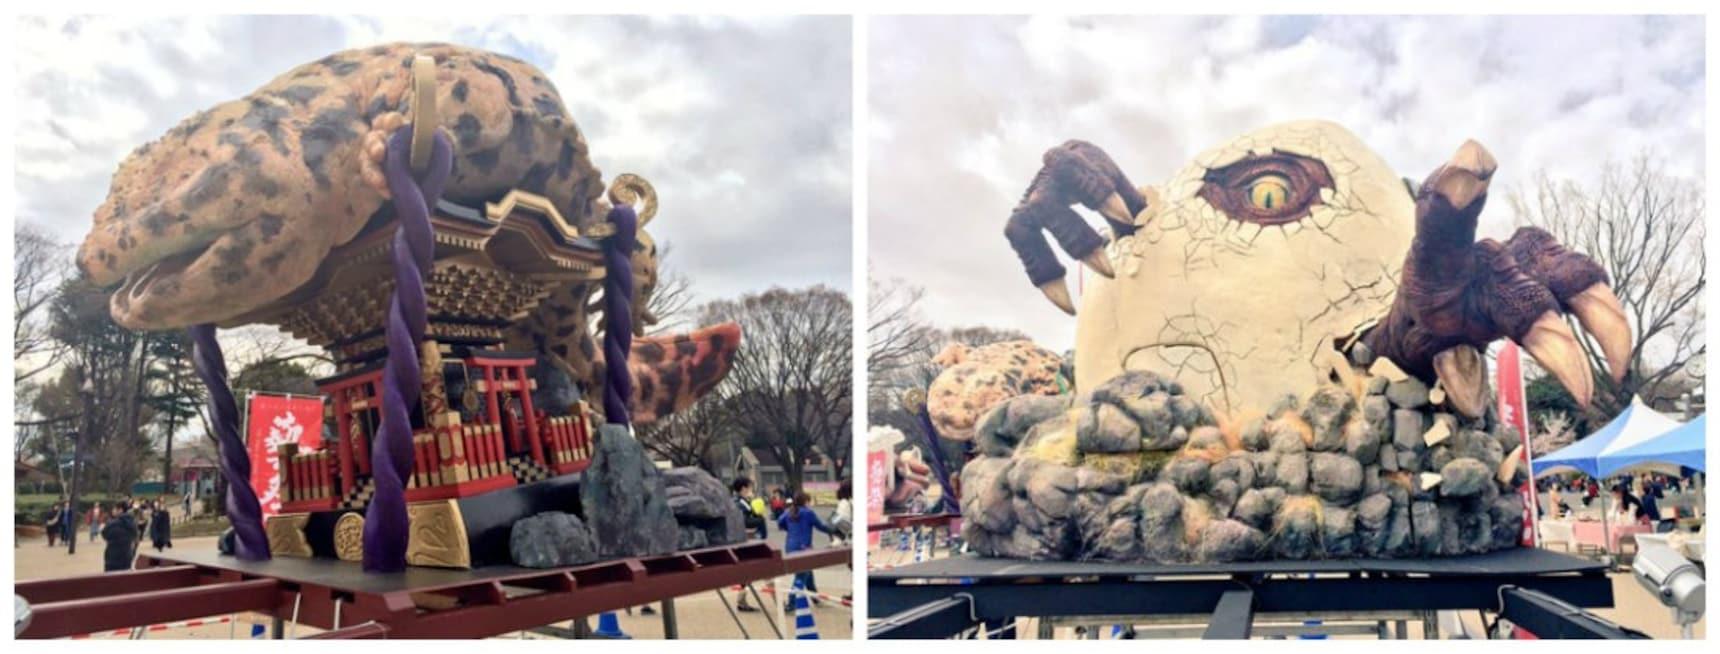 怪兽神像乱入,东京艺术大学在上野公园搞了场通灵秀